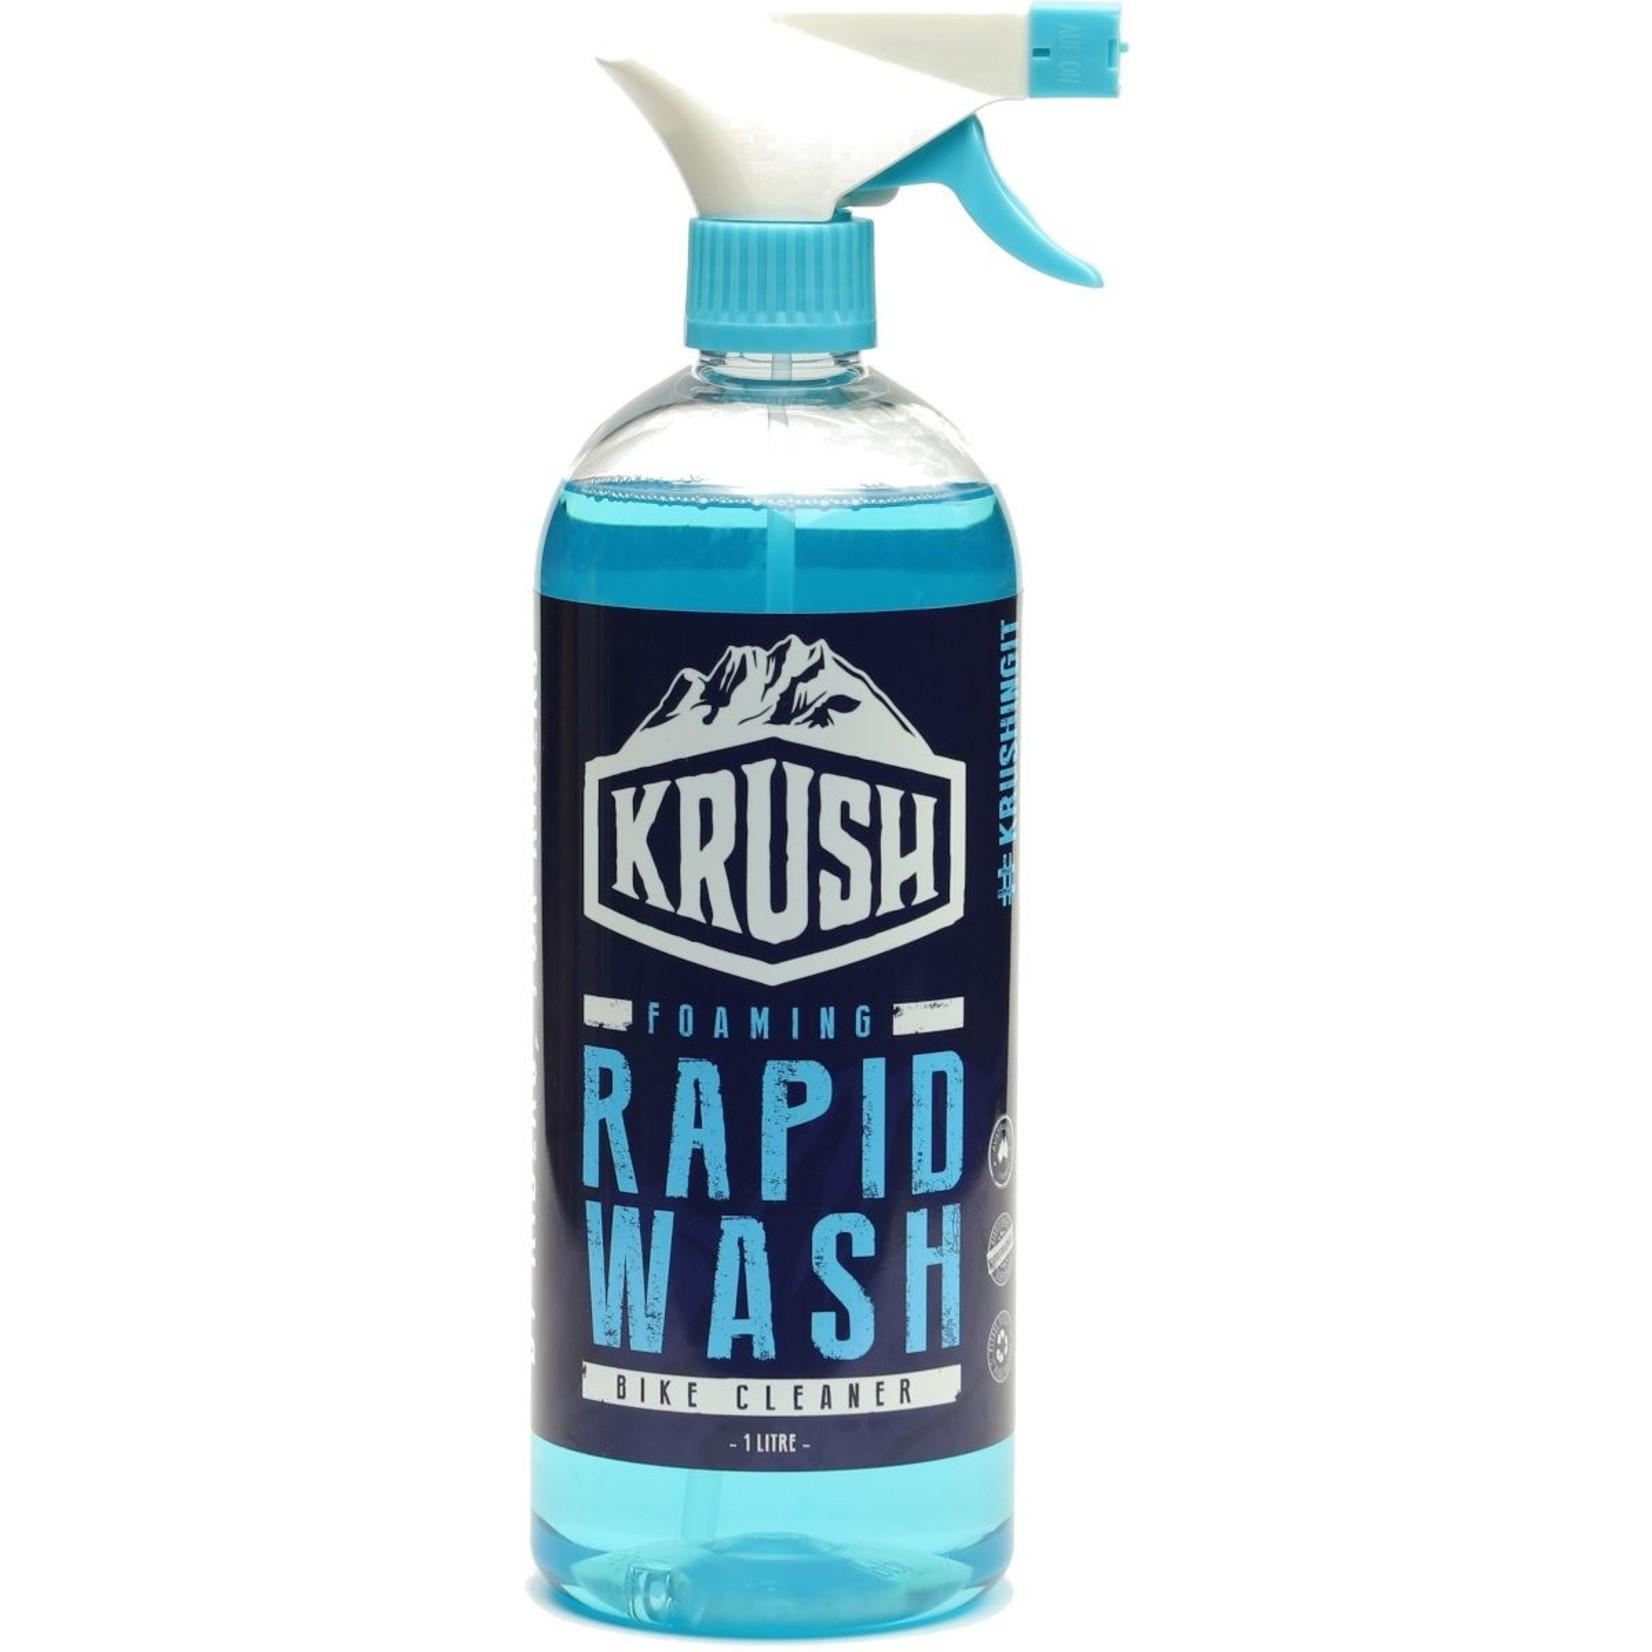 KRUSH KRUSH Rapid Wash 1L